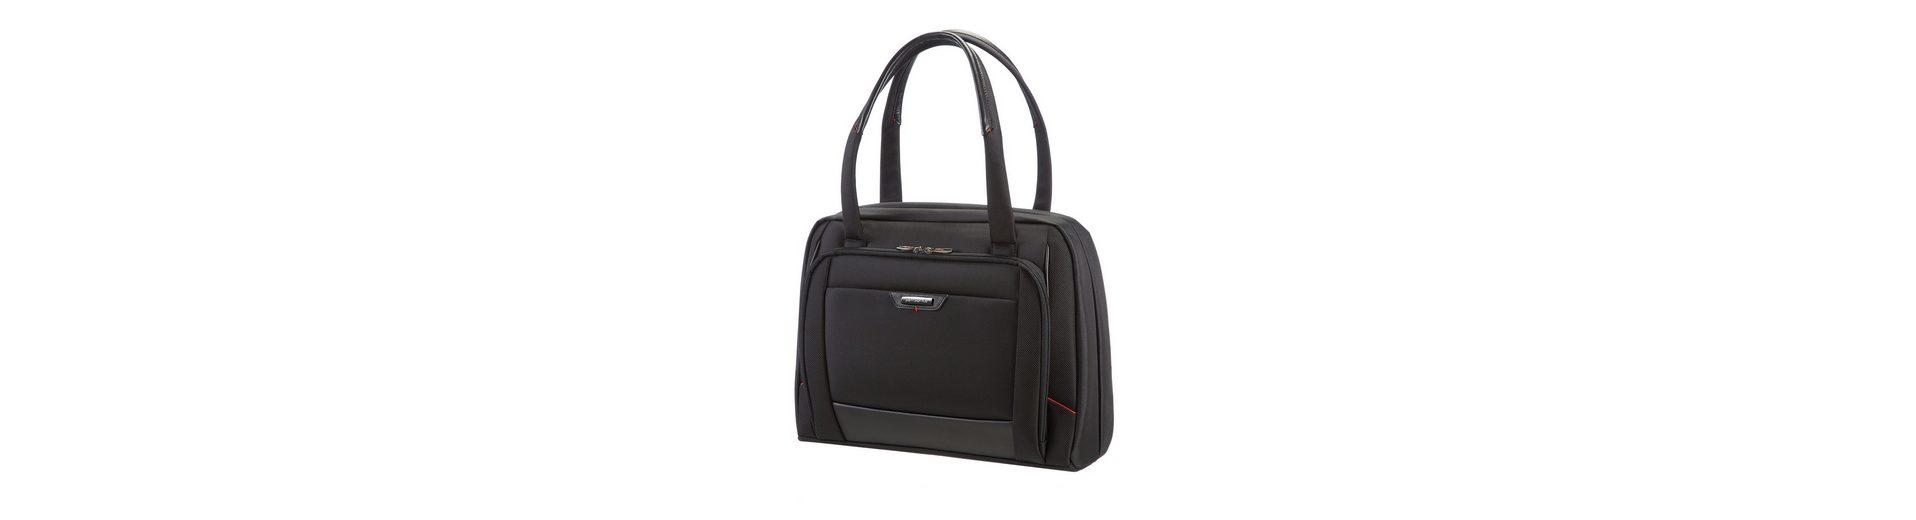 Samsonite Businesstasche mit Tablet- und 16-Zoll Laptopfach, »Pro-DLX4 Female«